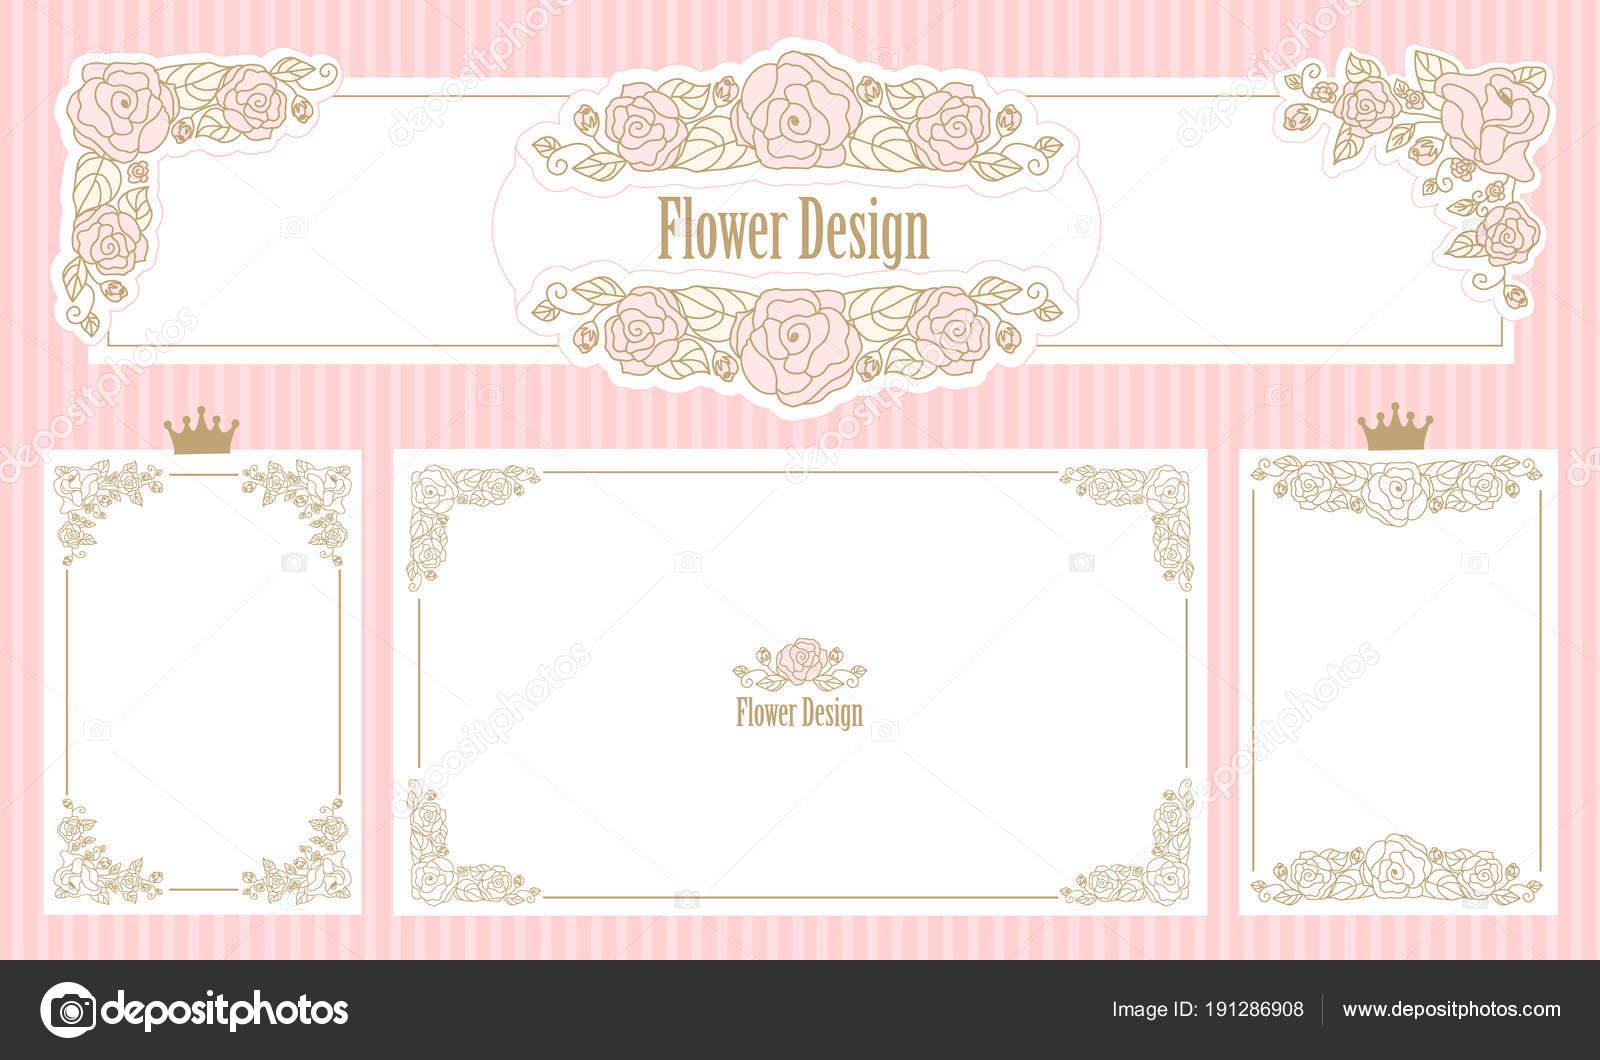 Marco Floral Royal Conjunto Las Fronteras Flor Invitación Boda ...